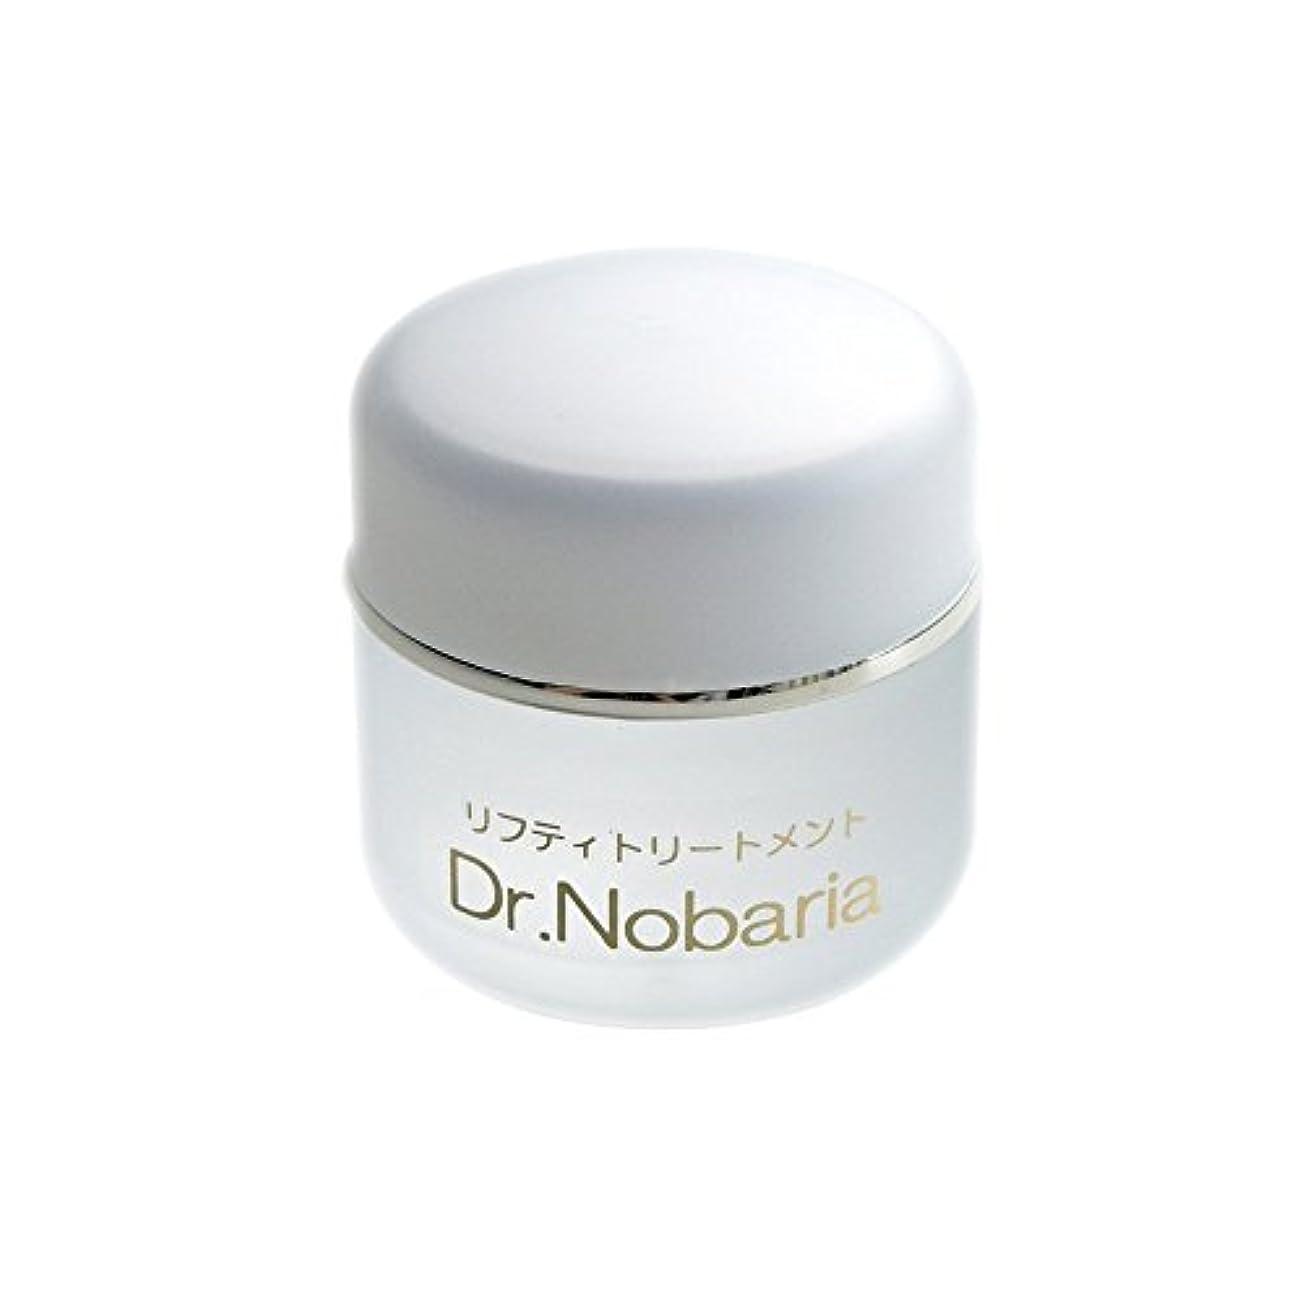 フィードひらめき心配Natural Pure ノバリアスキンケア ノバリアジェルクリーム 保湿 無香料 無着色 30g×1個